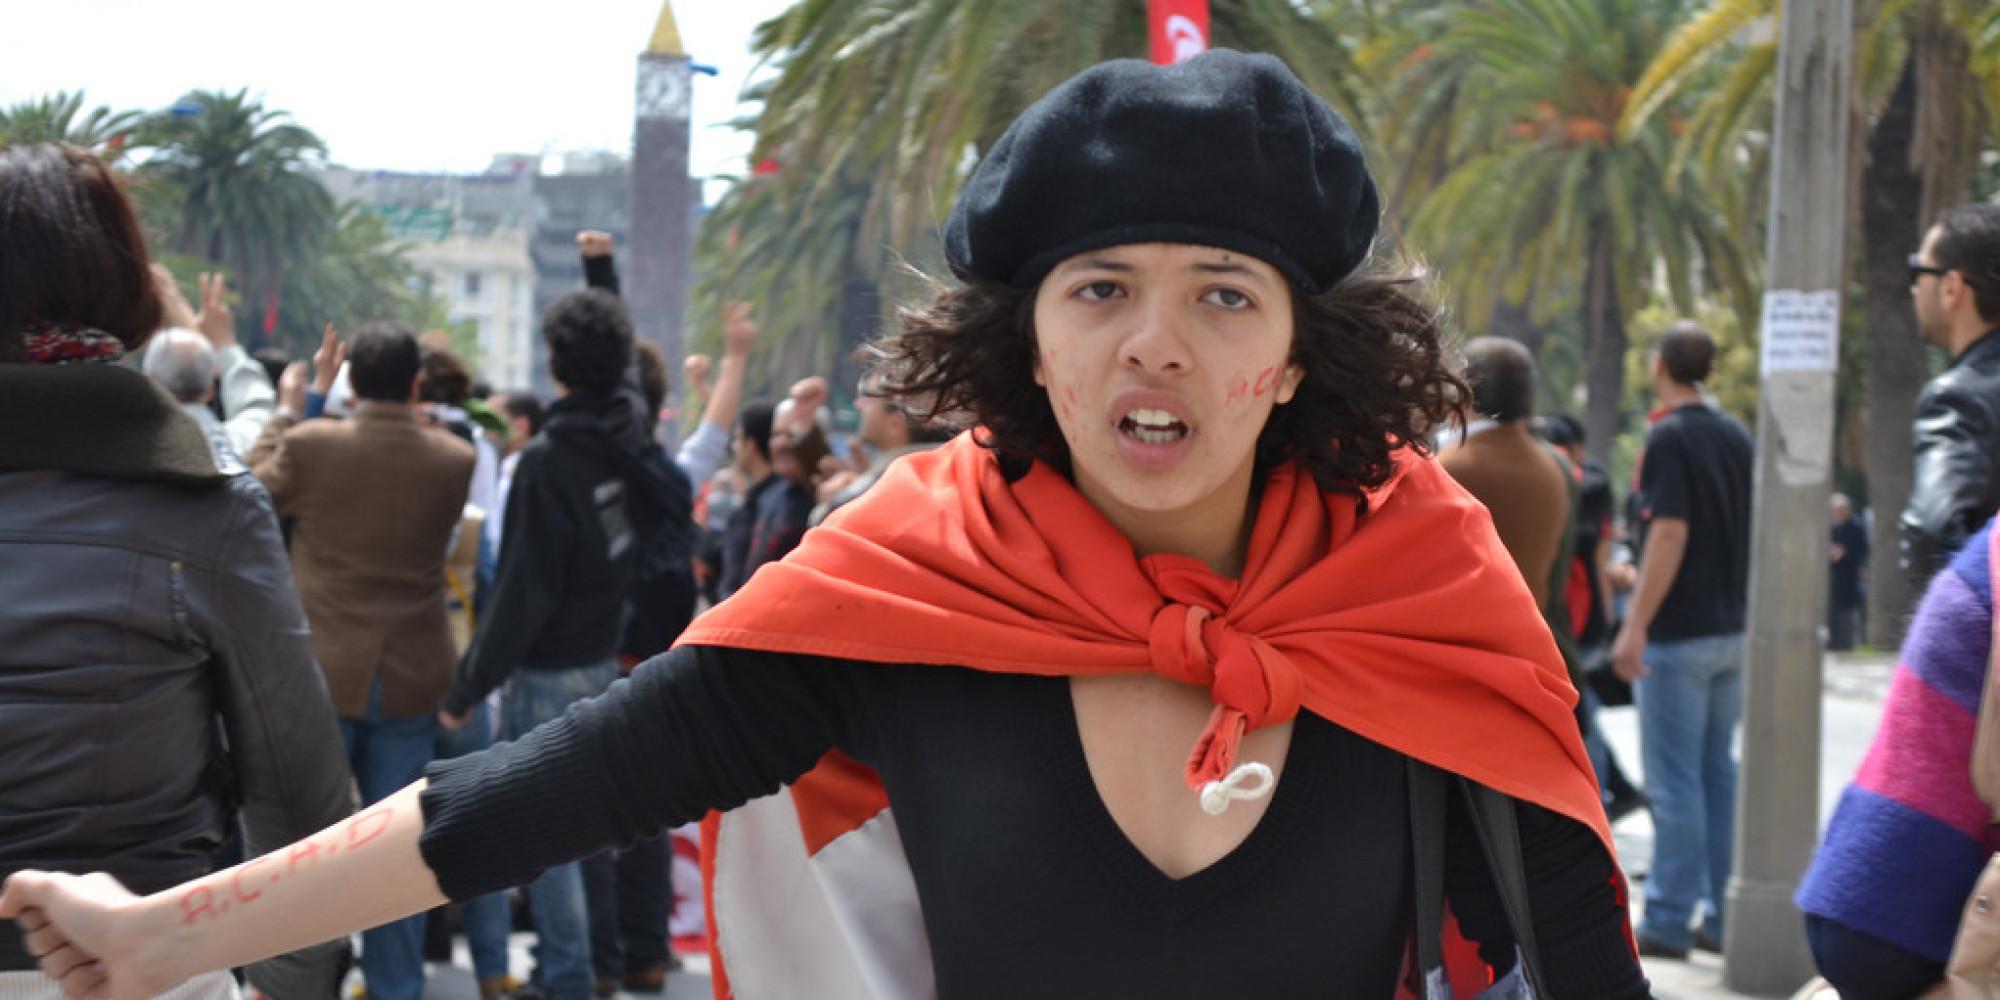 Recherche femme tunisie